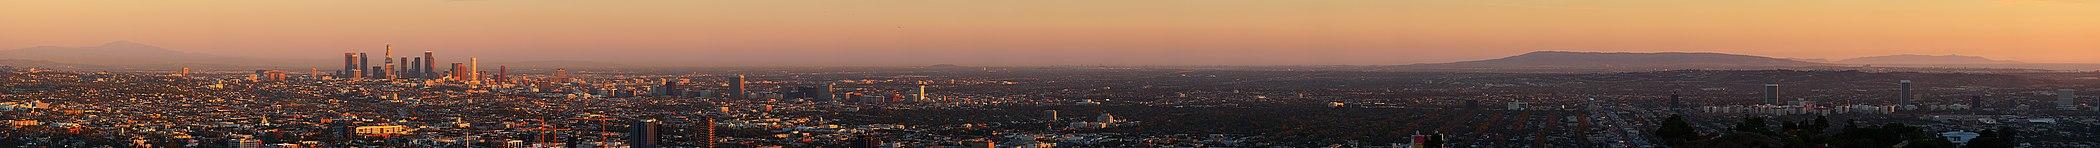 תמונת פנורמה של לוס אנג'לס (לצפייה הזיזו עם העכבר את סרגל הגלילה בתחתית התמונה)